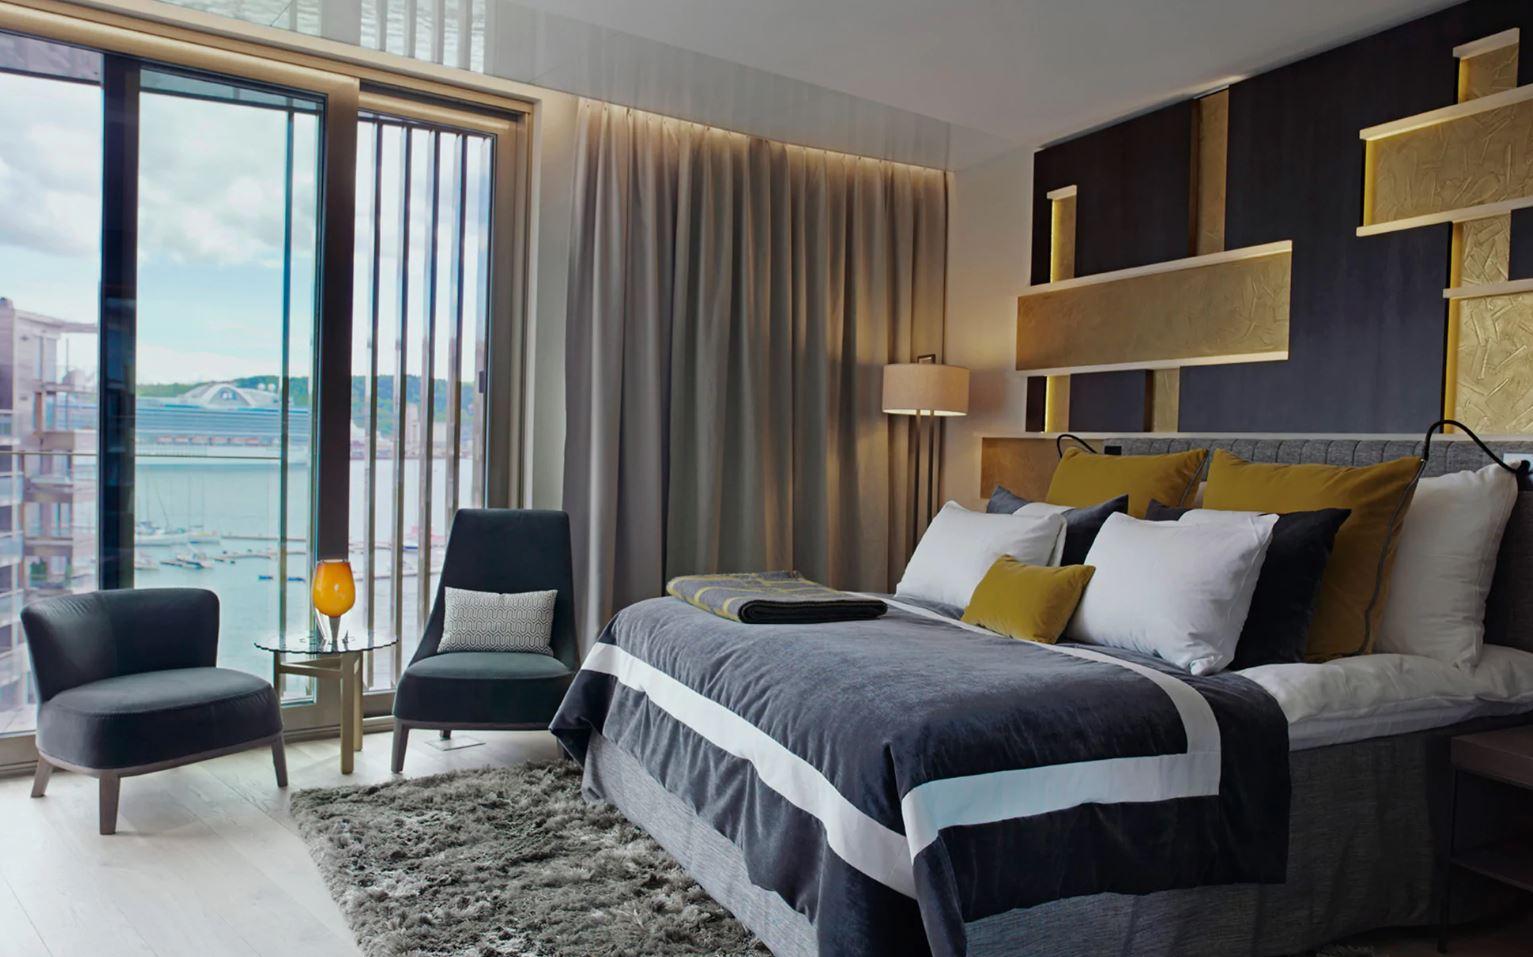 hotellene i Oslo